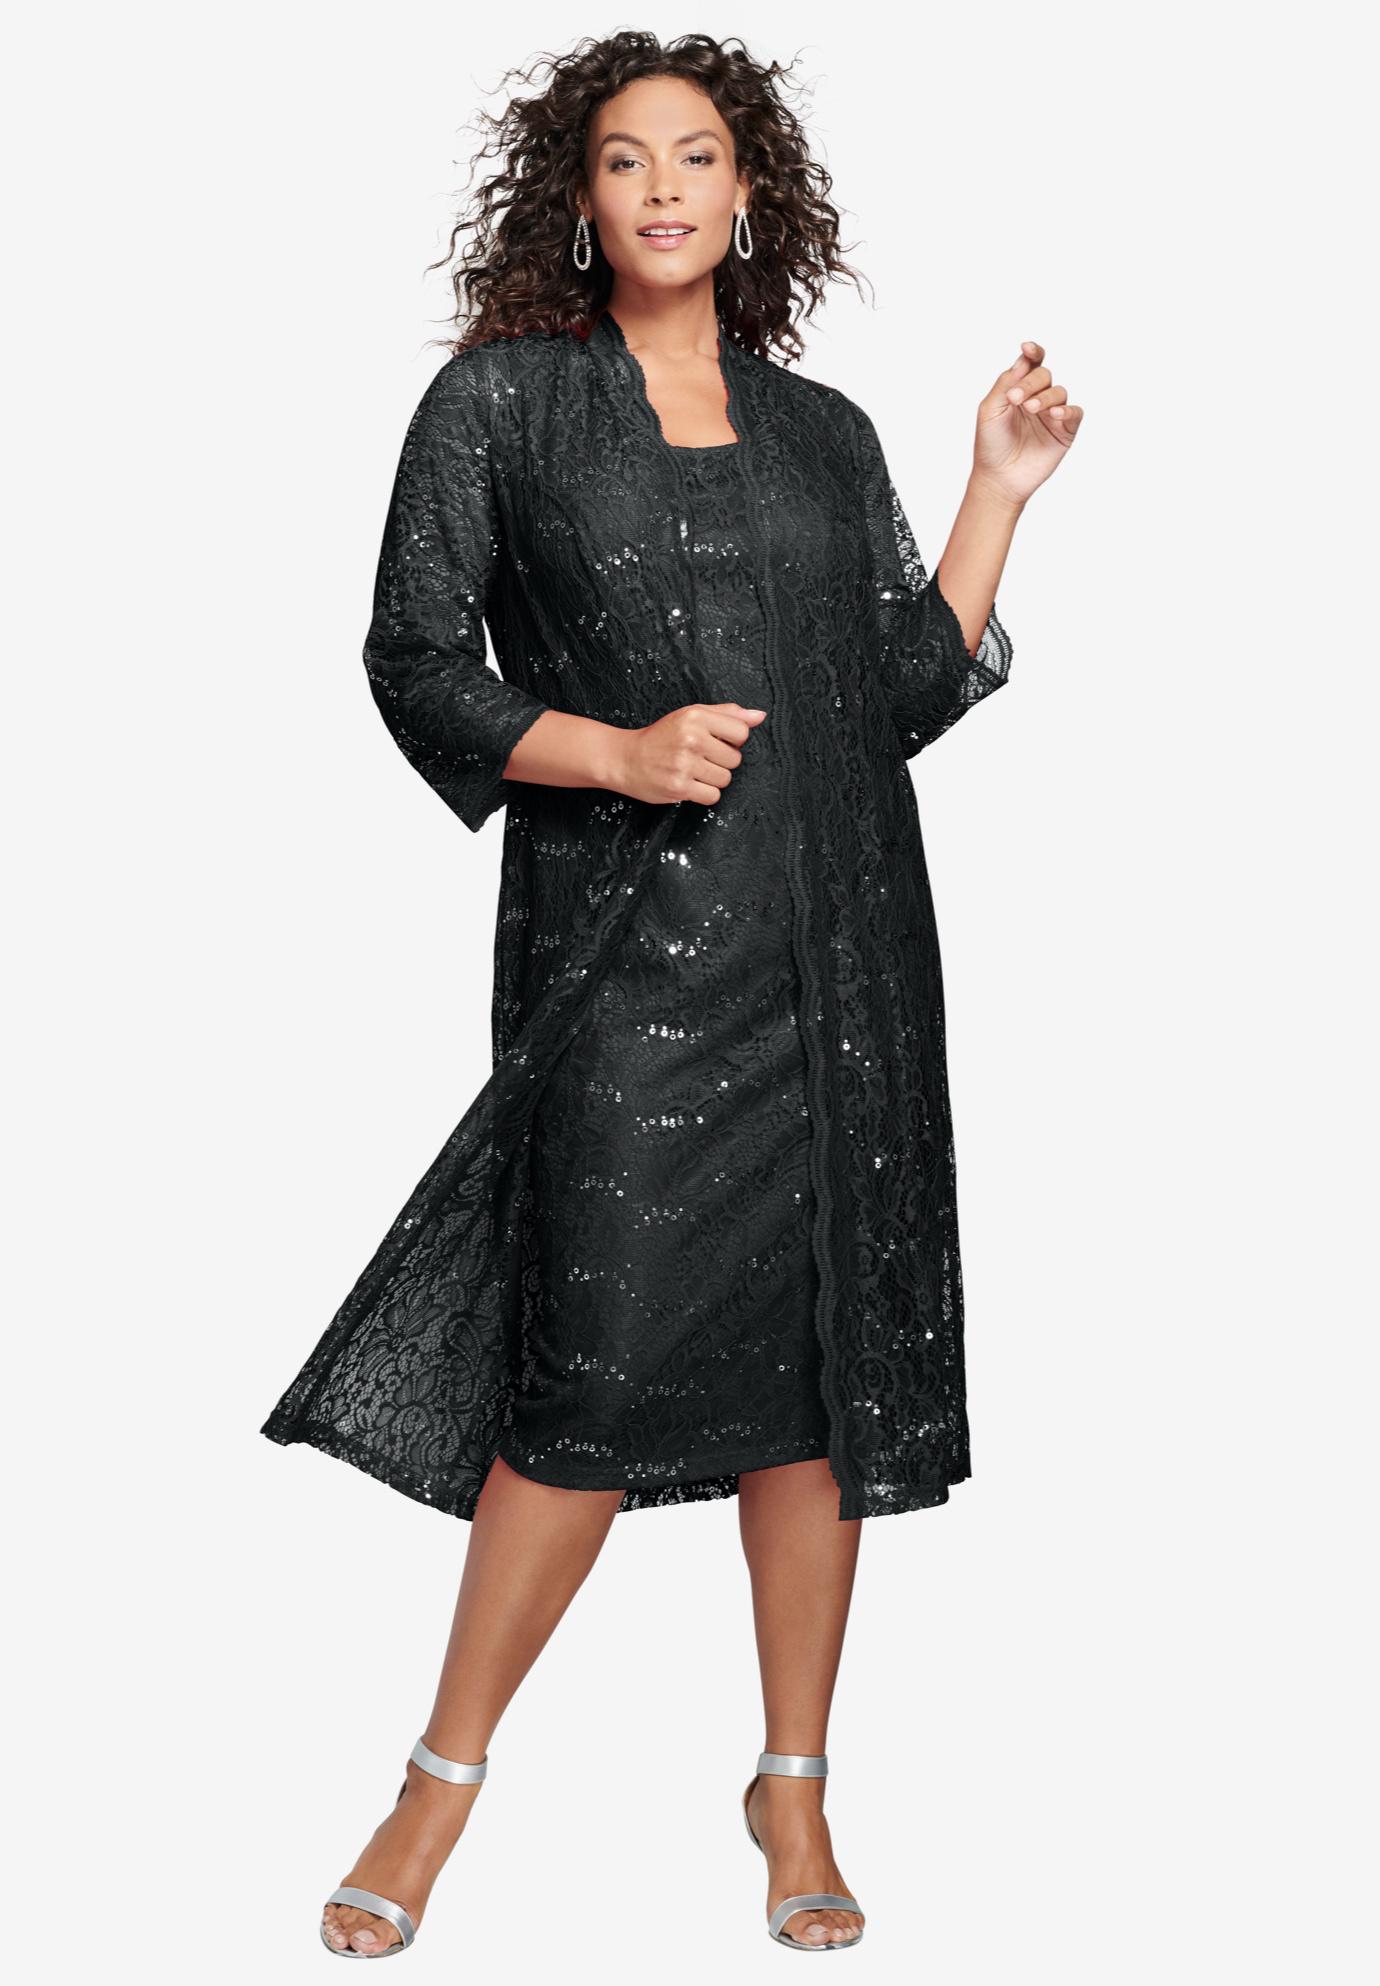 Lace & Sequin Jacket Dress Set| Plus Size Special Occasion Dresses ...